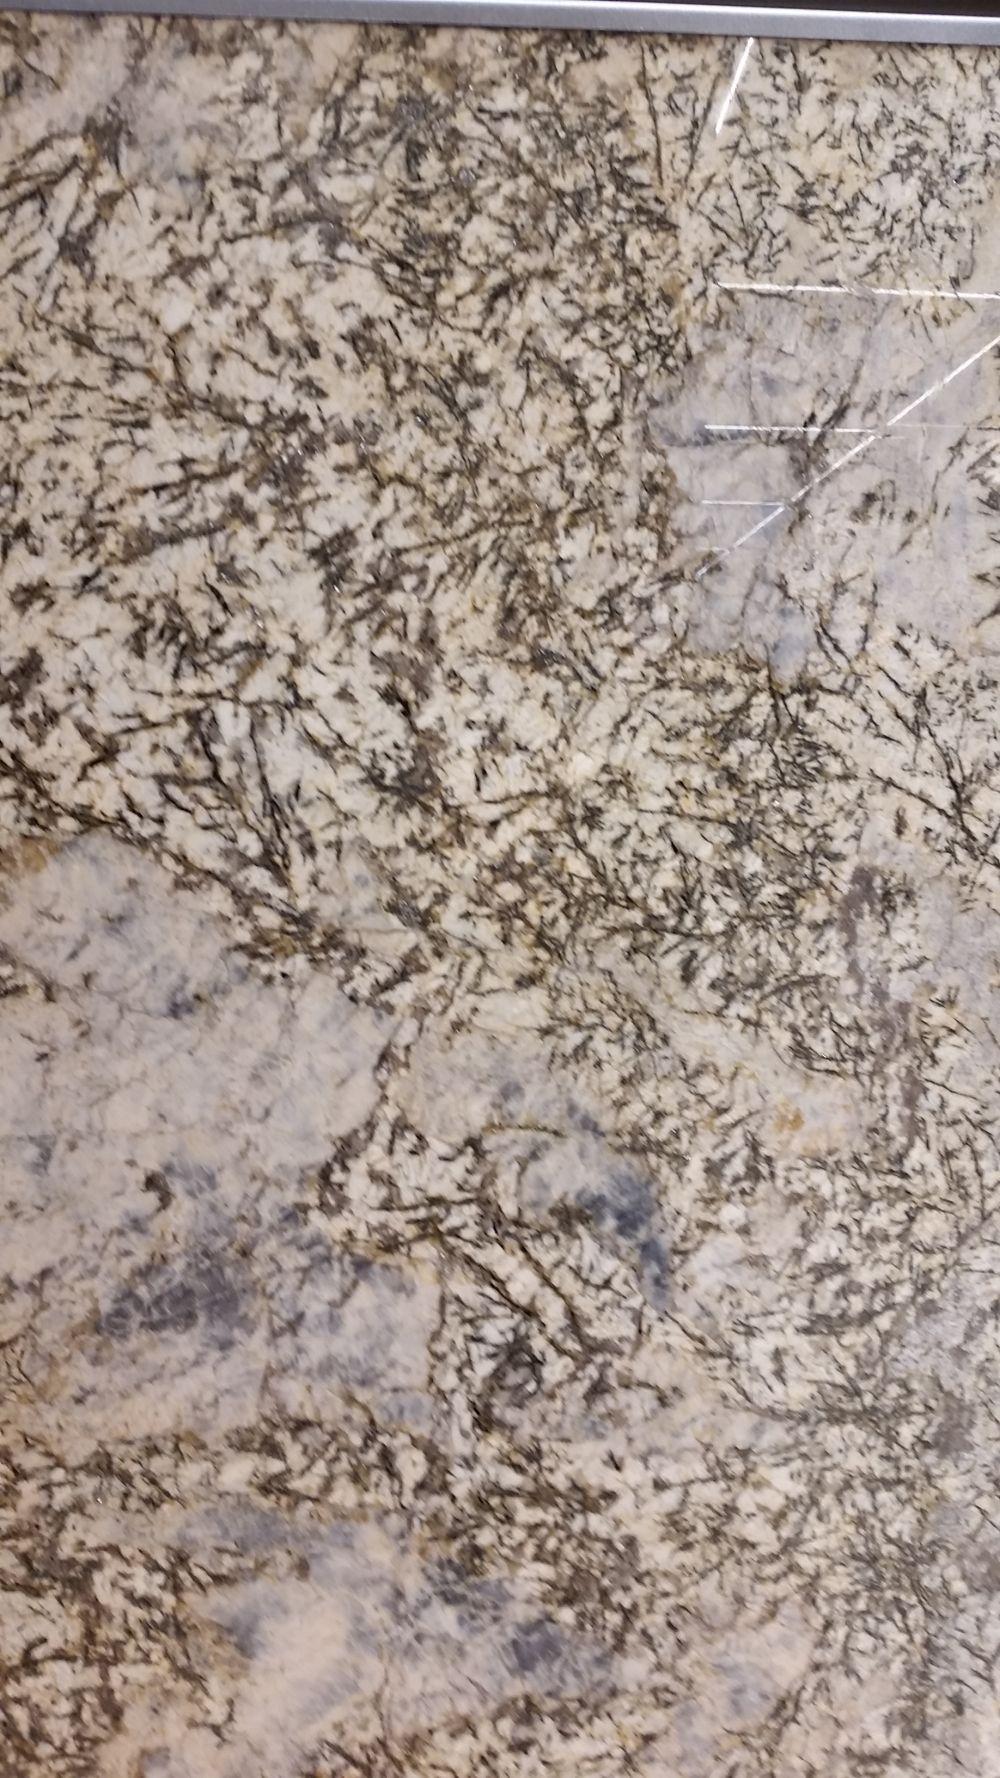 Detaliu de piatră naturală în showroomul STONA.